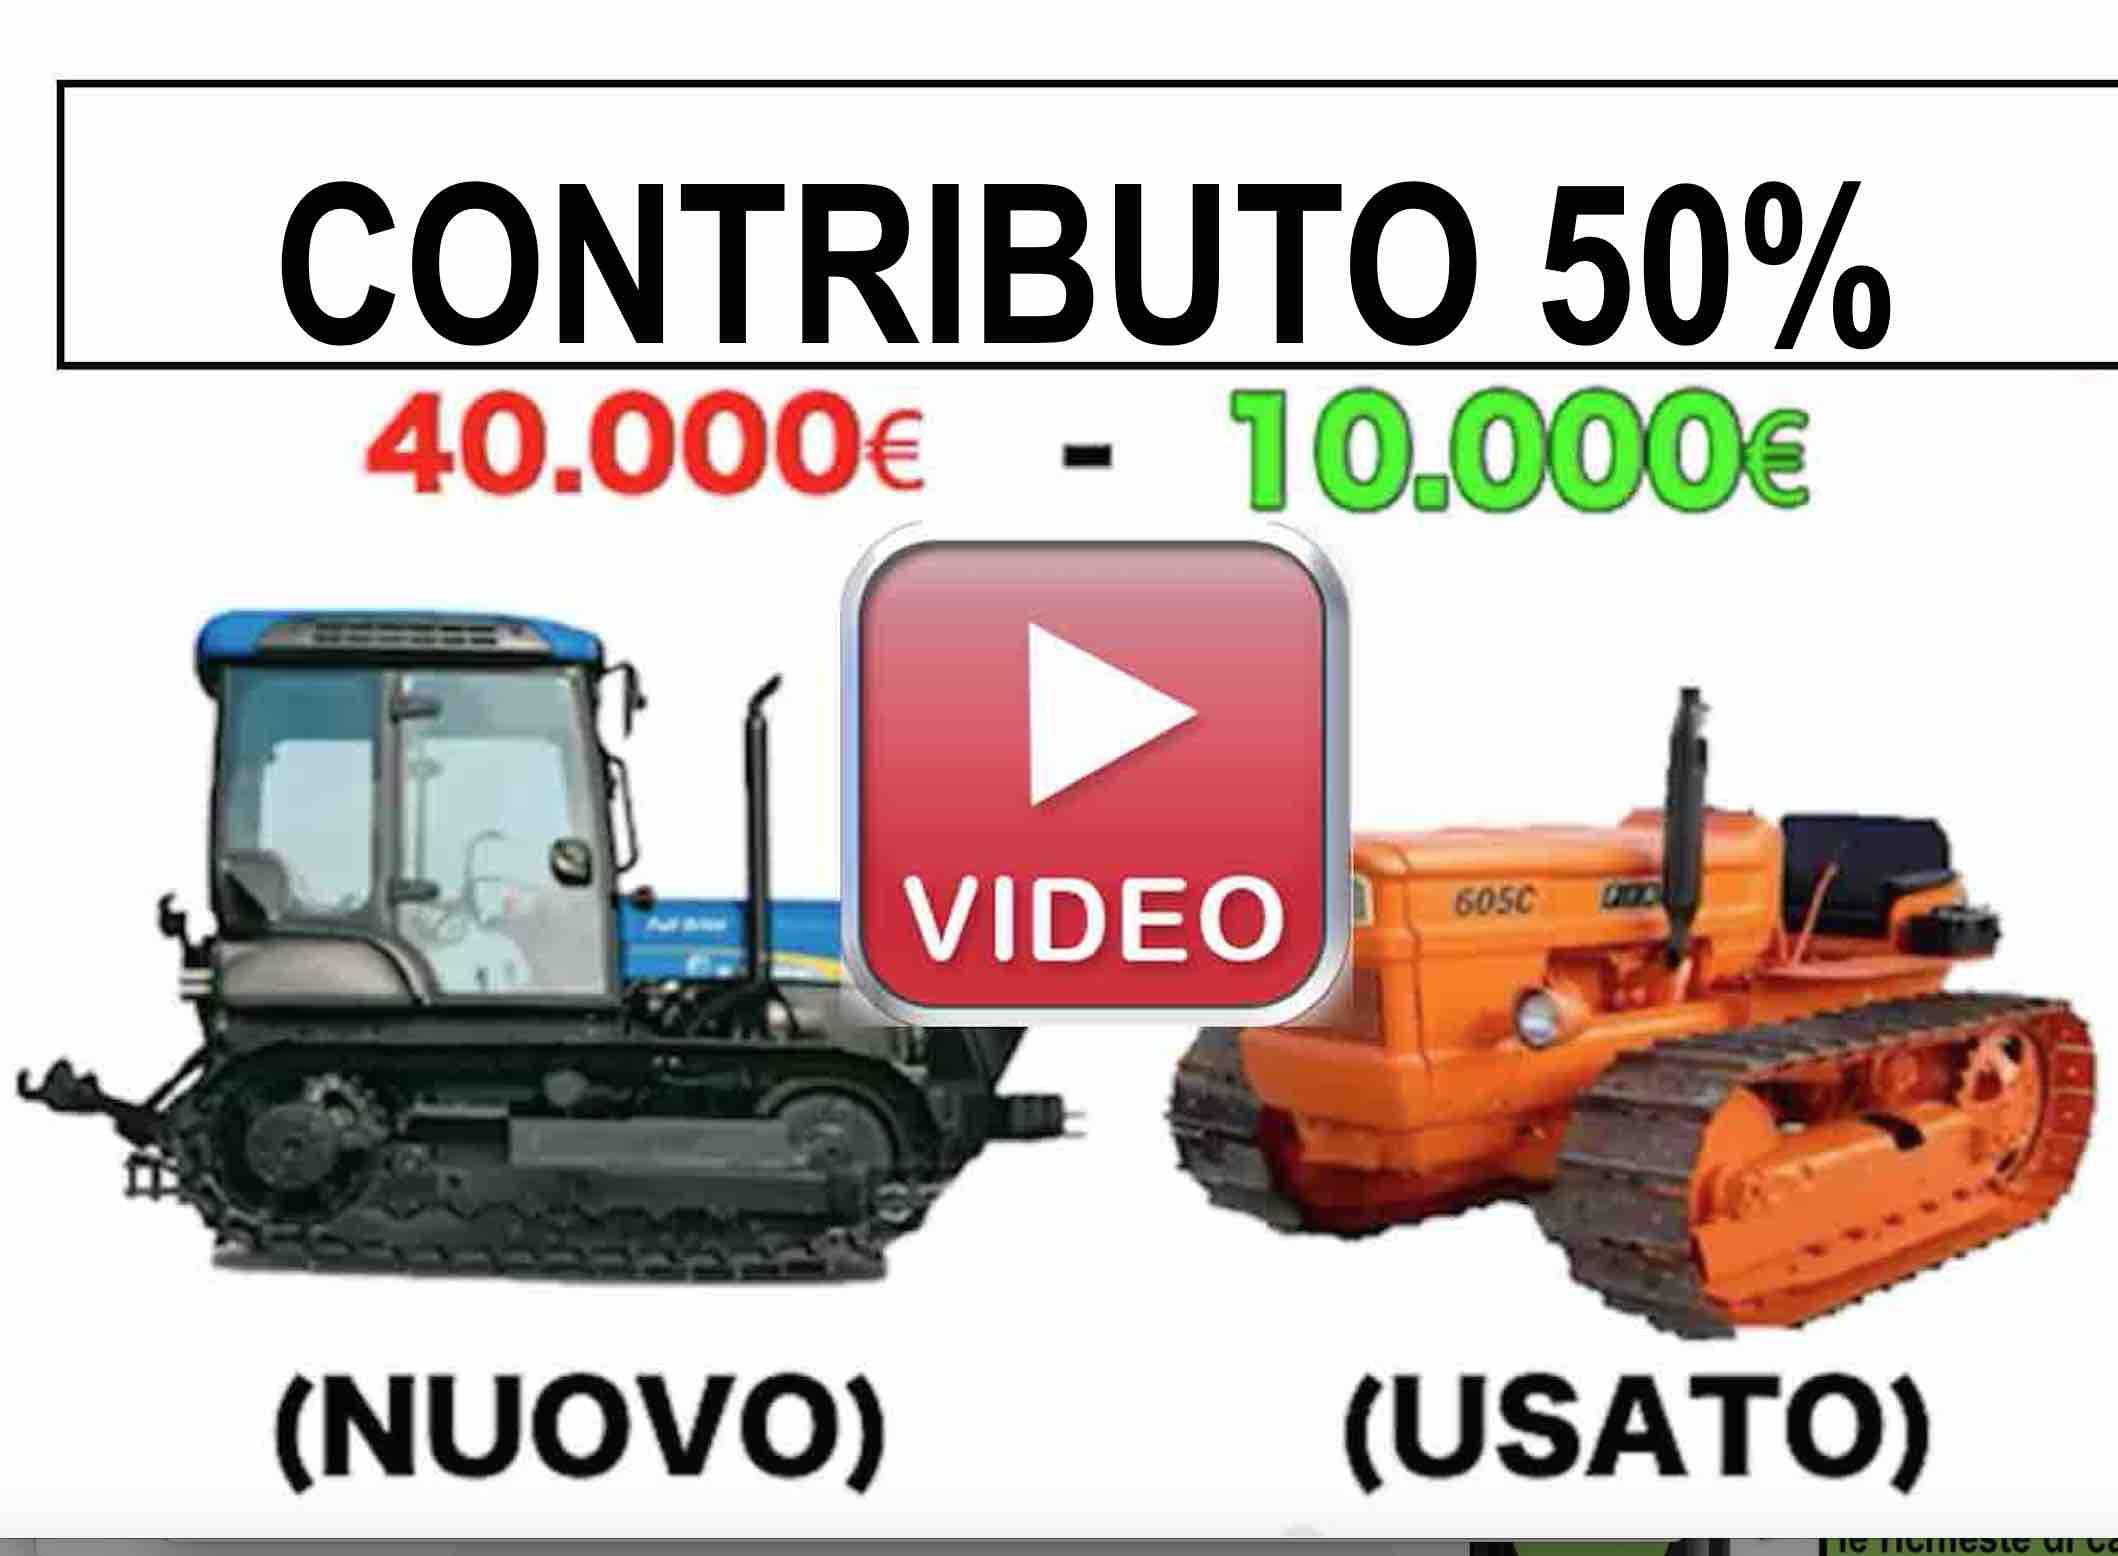 VIDEO CONTRIBUTO PER TRATTORI:CLICCA QUI